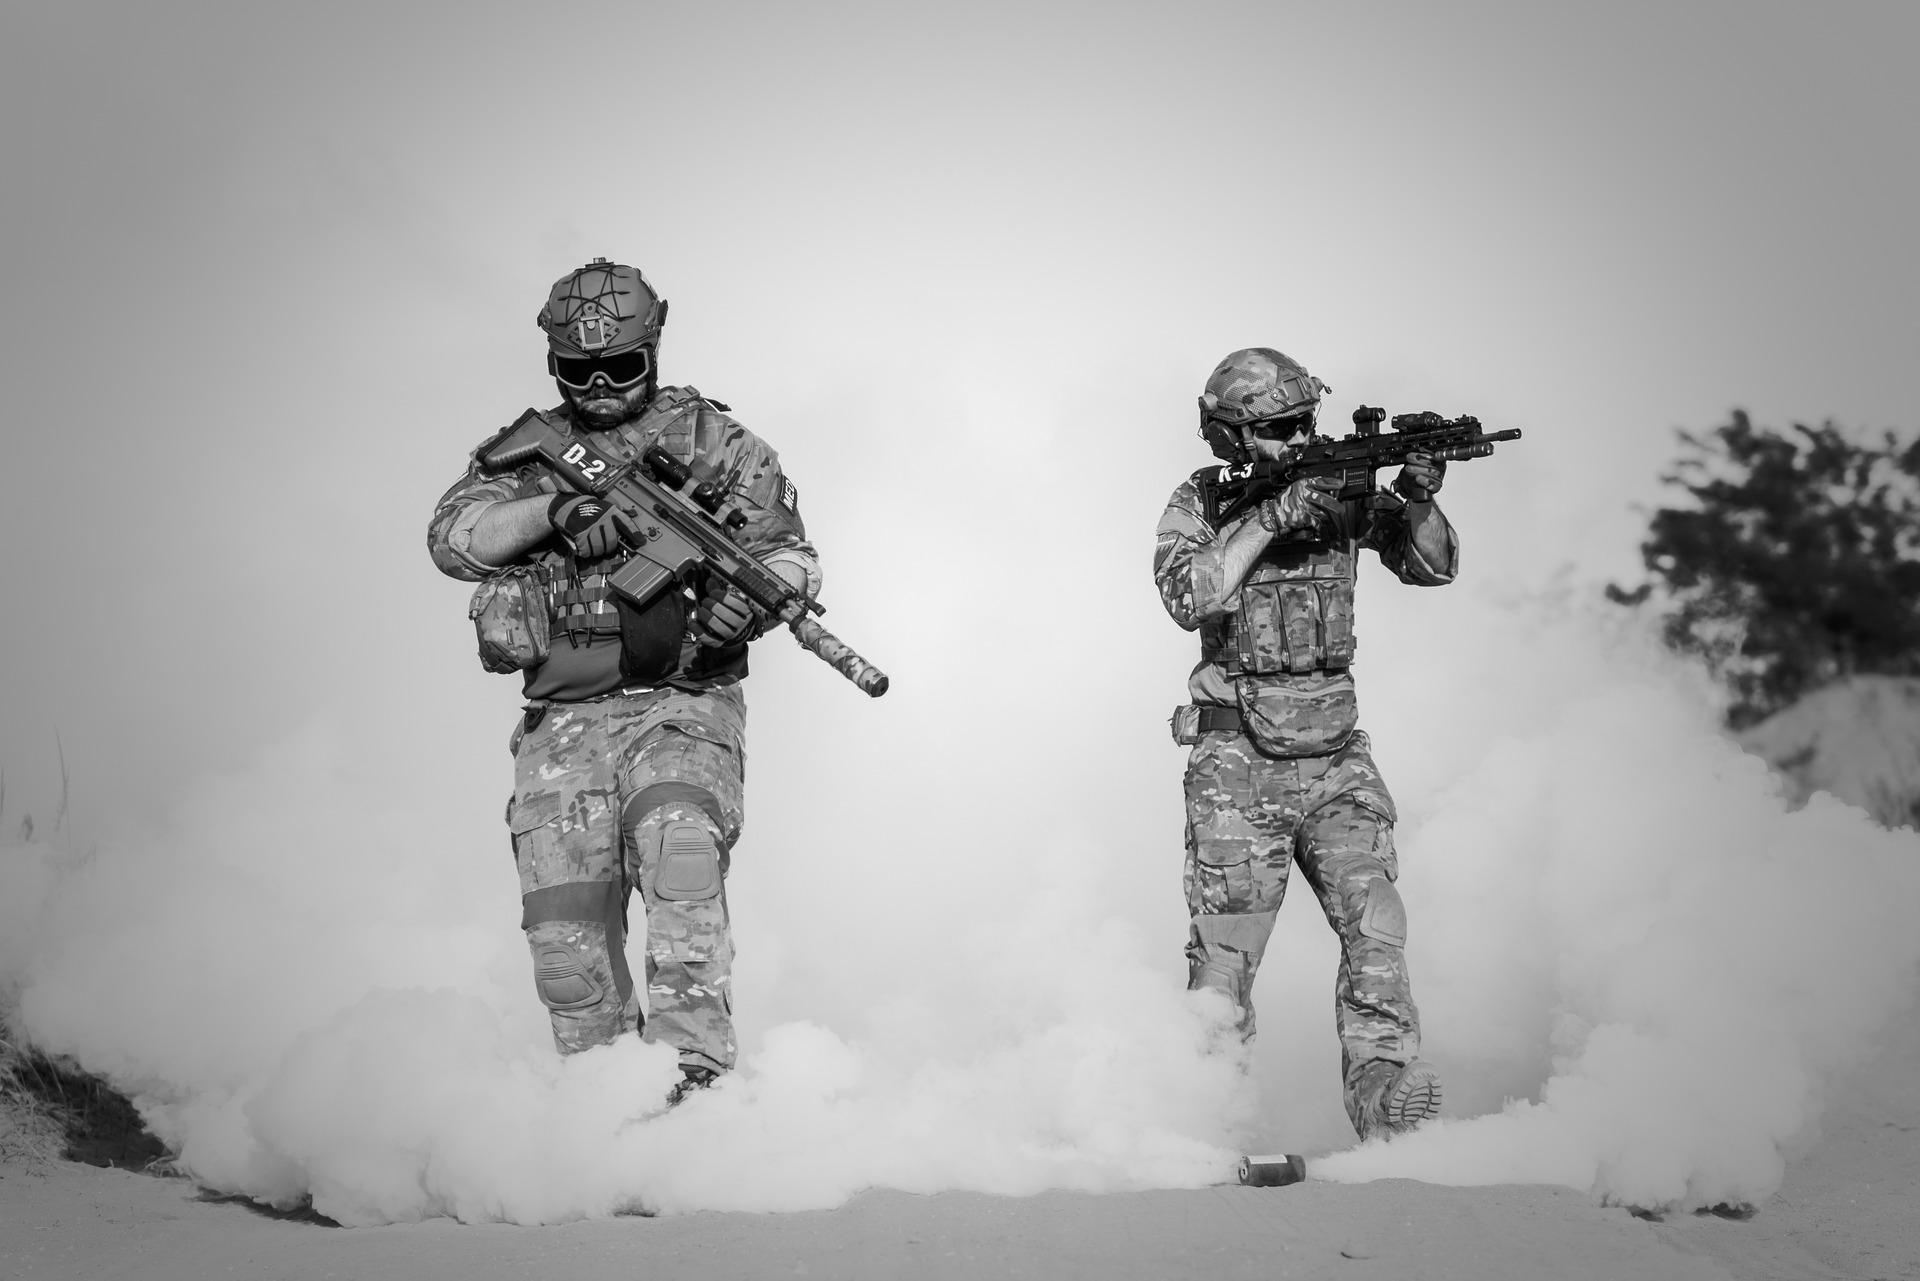 Deutsche Waffen für philippinische Verhältnisse